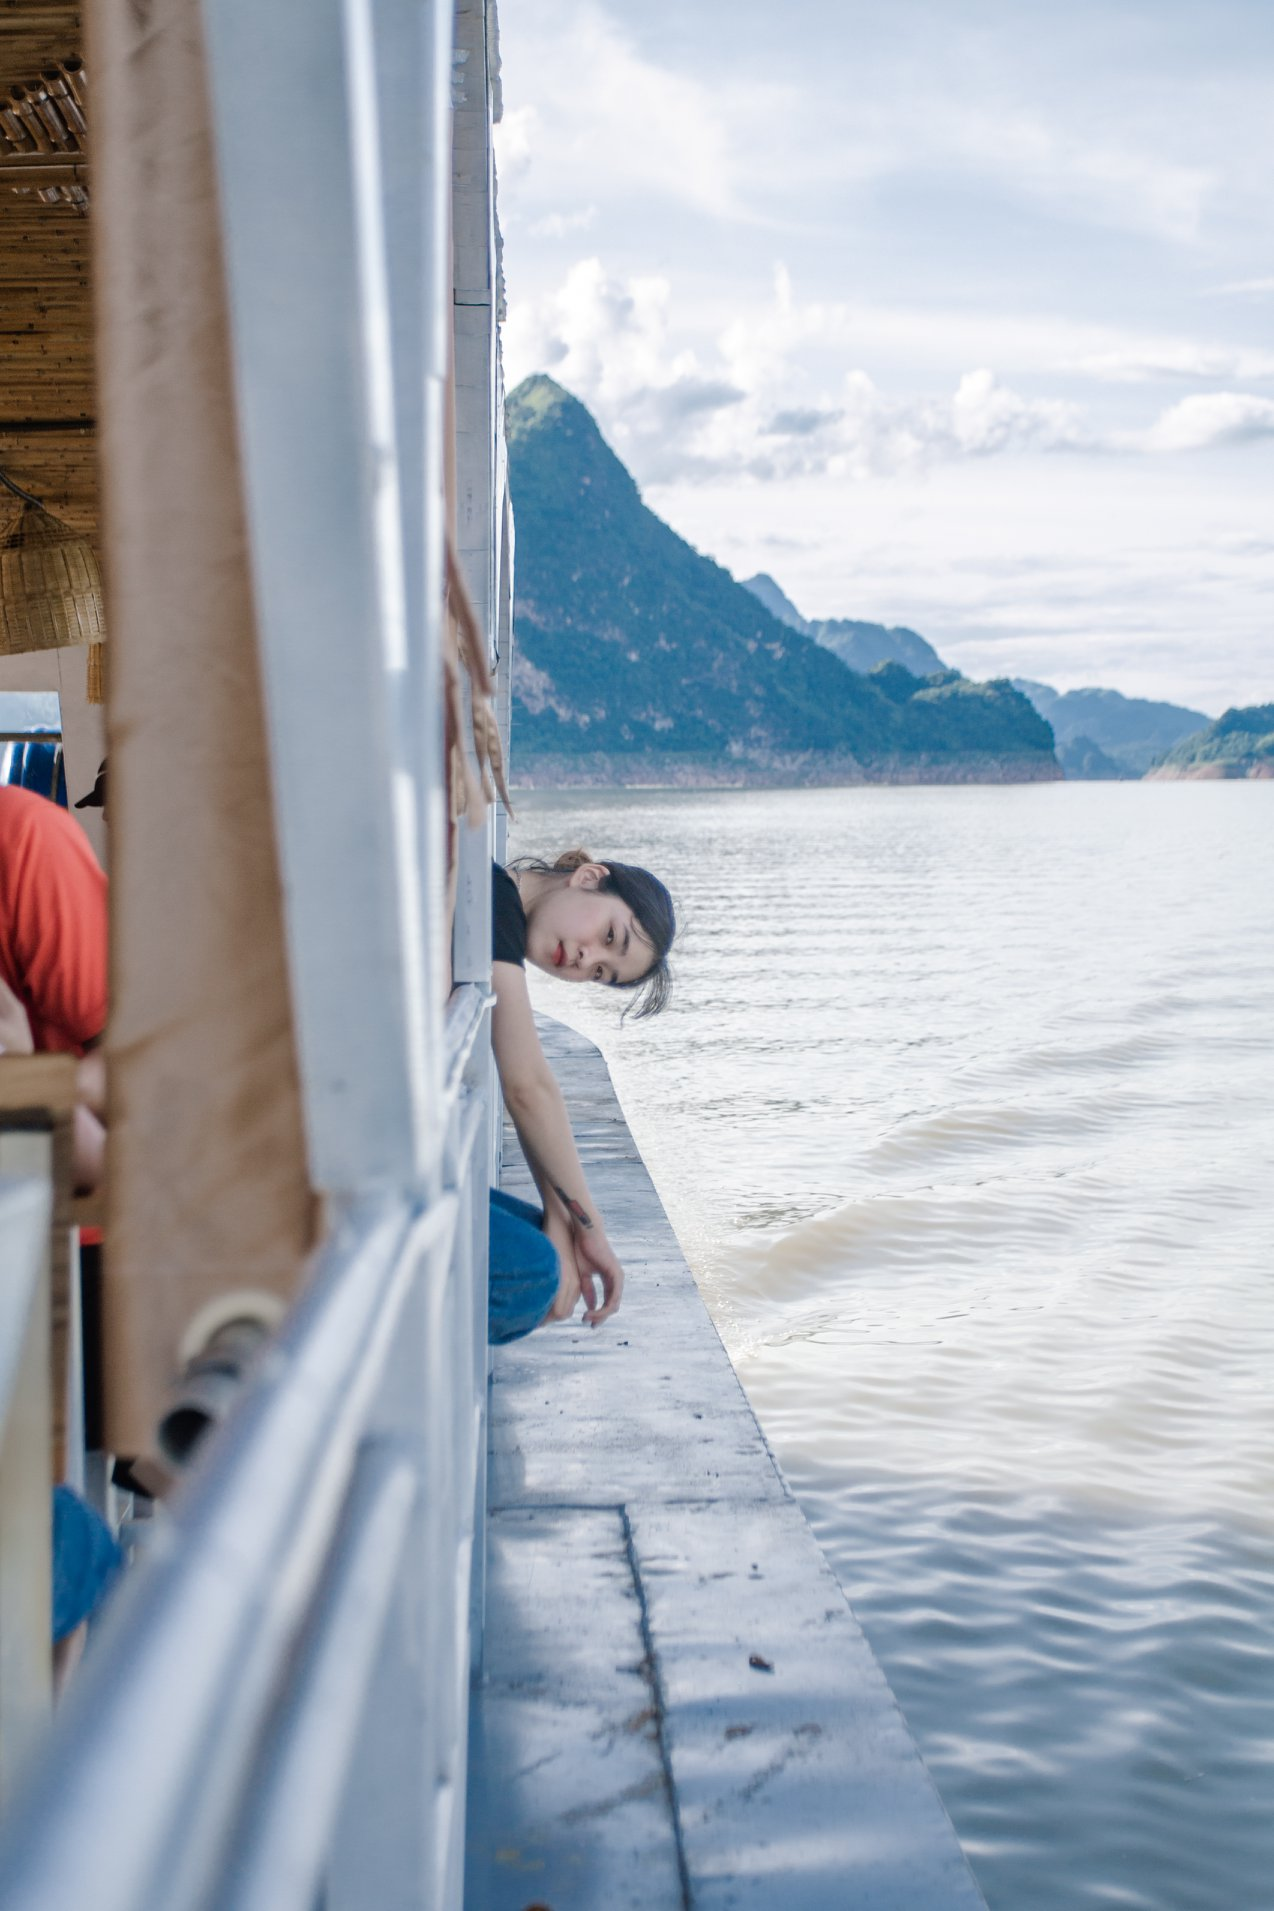 Trên thuyền tham quan biển hồ. Hình: Sưu tầm